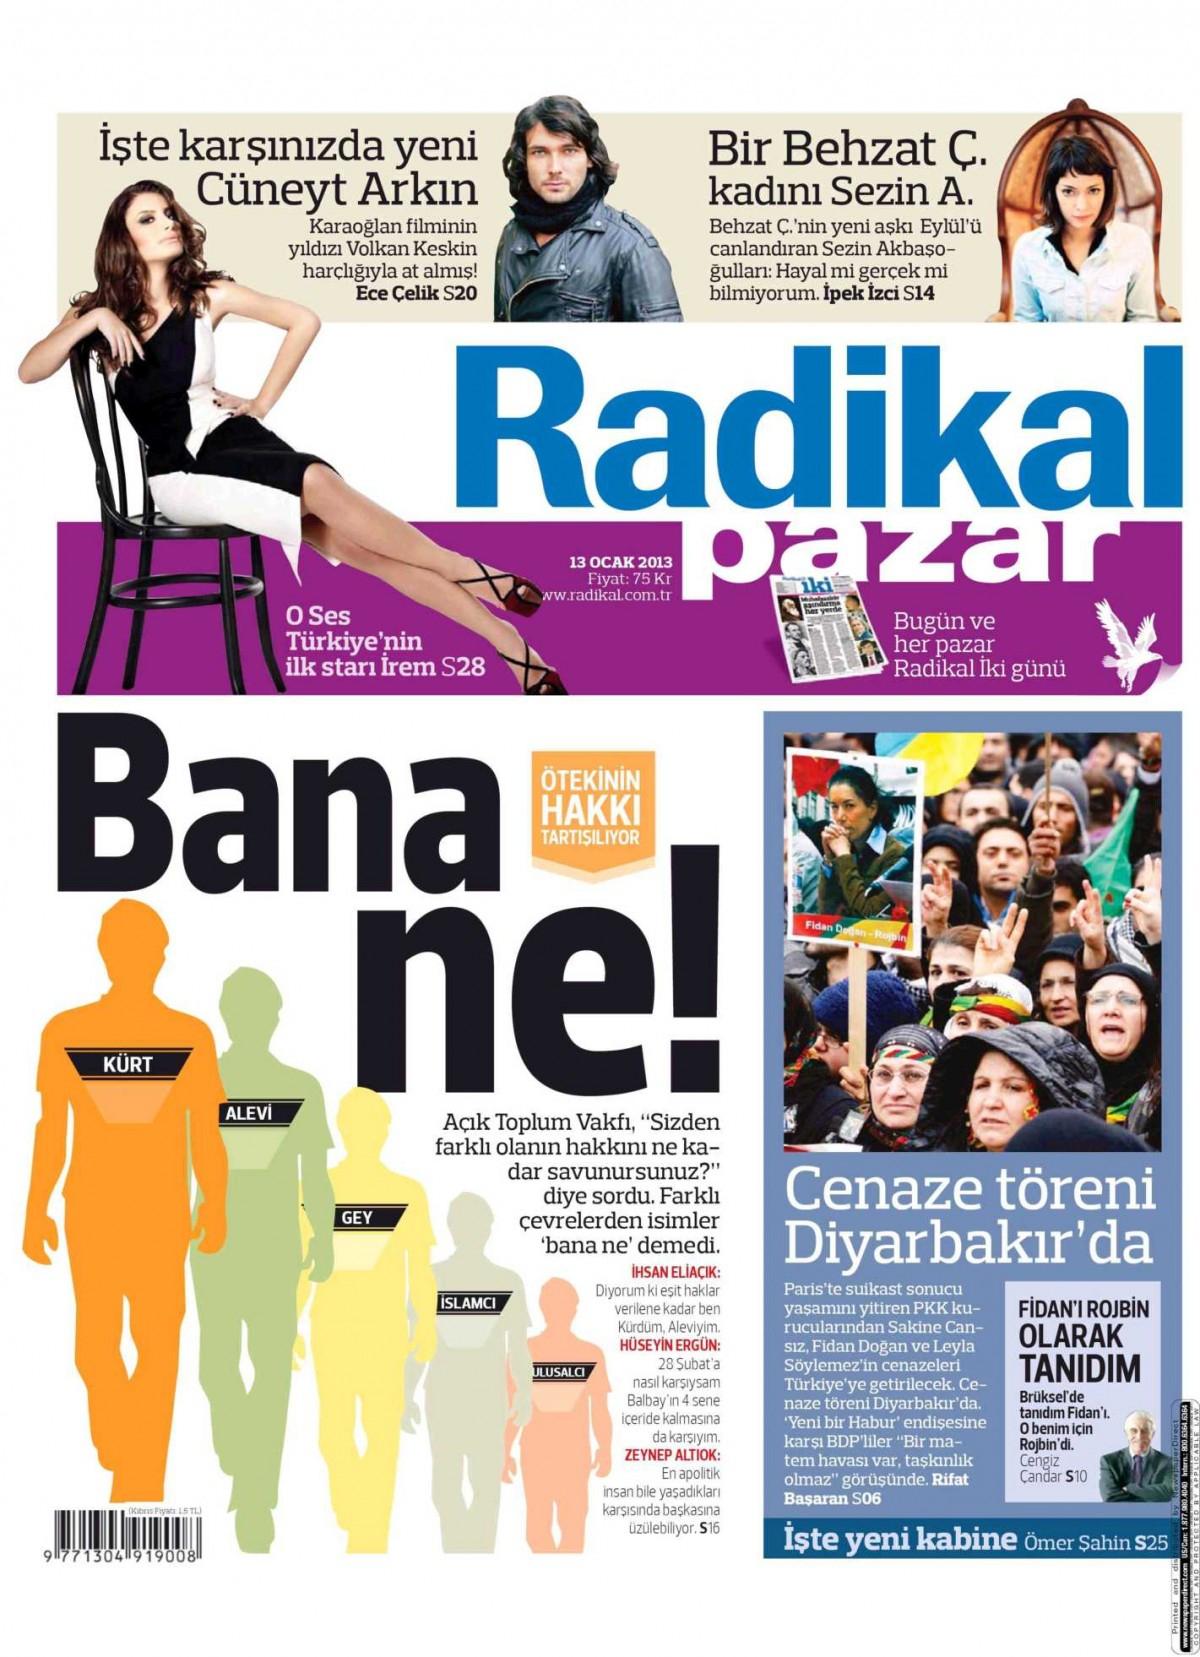 13 Ocak 2013 Tarihli Radikal Gazetesi Sayfa 1